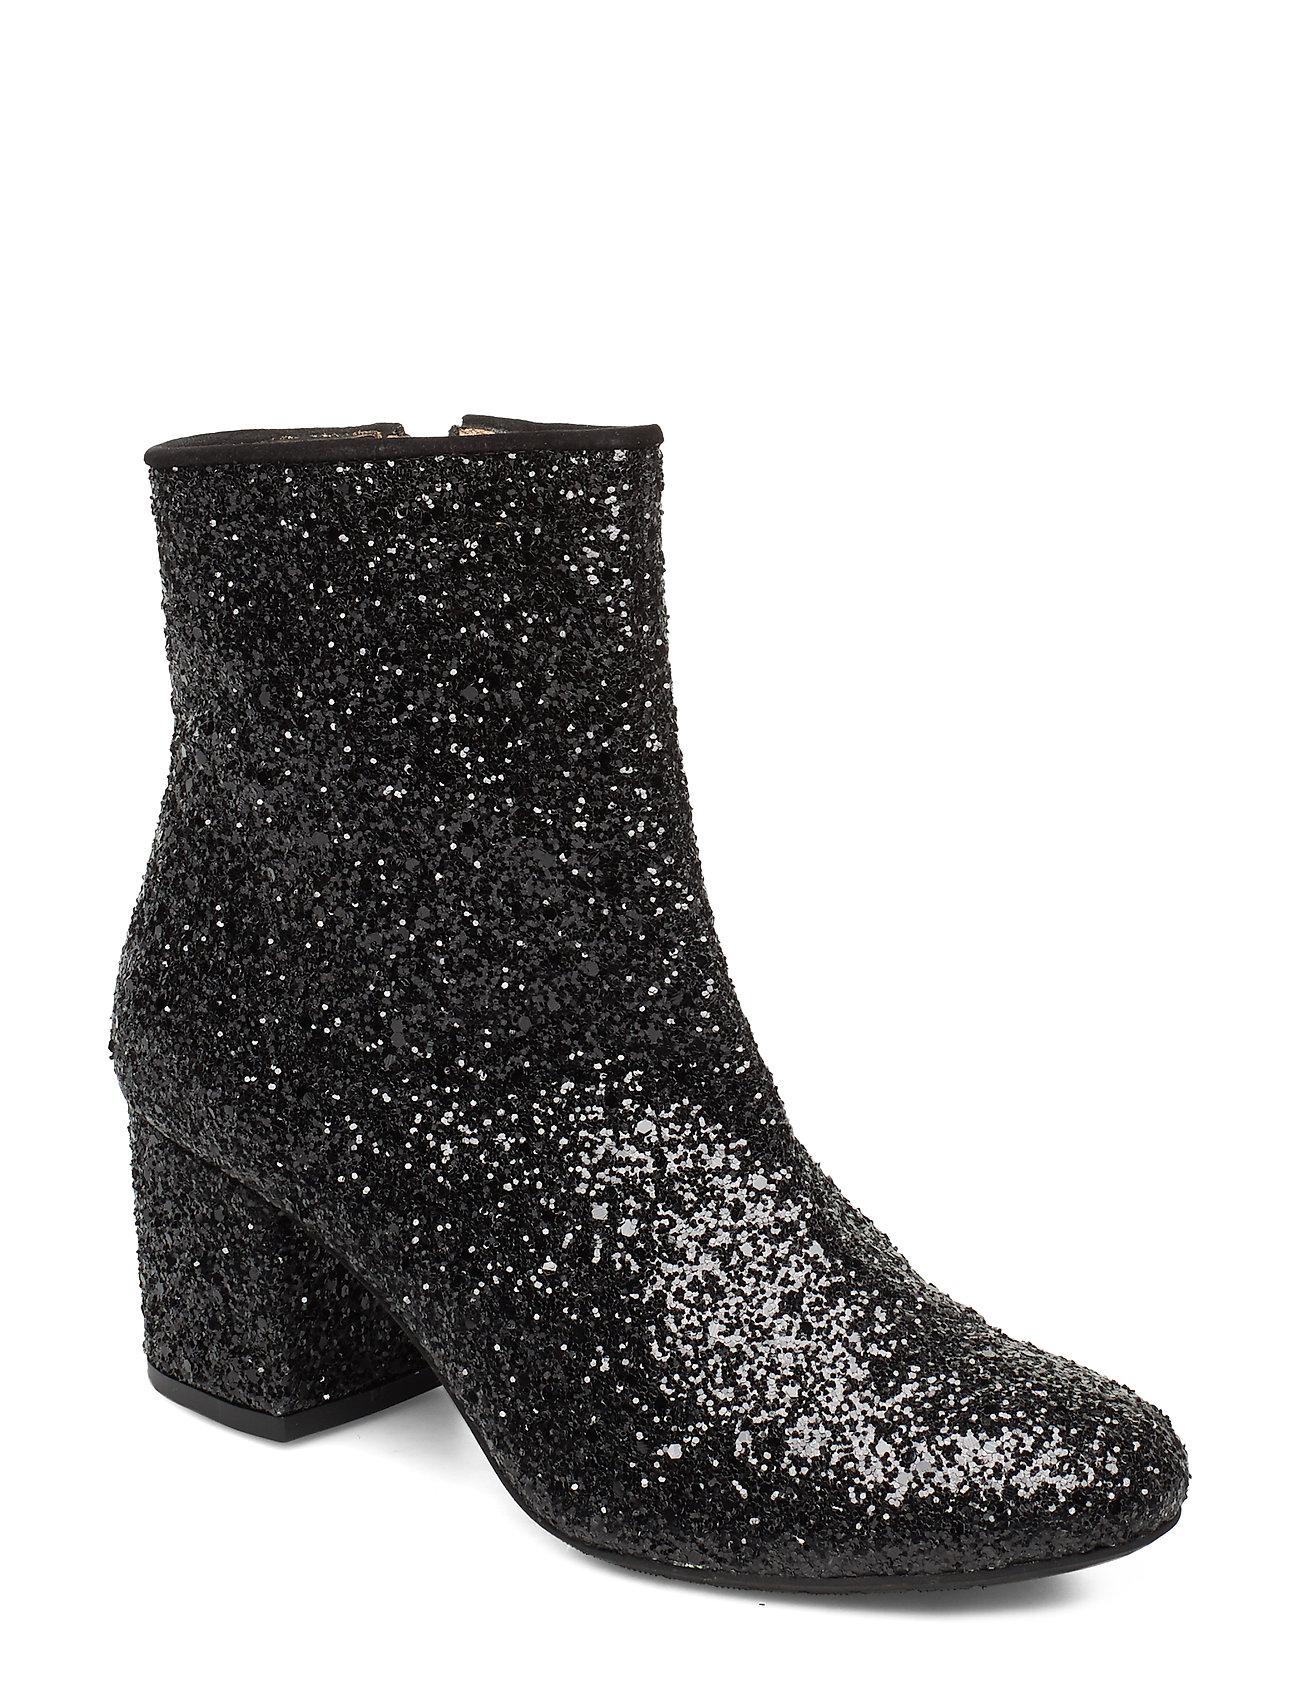 Image of Bootie - Block Heel - With Zippe Shoes Boots Ankle Boots Ankle Boots With Heel Sort ANGULUS (3264521207)